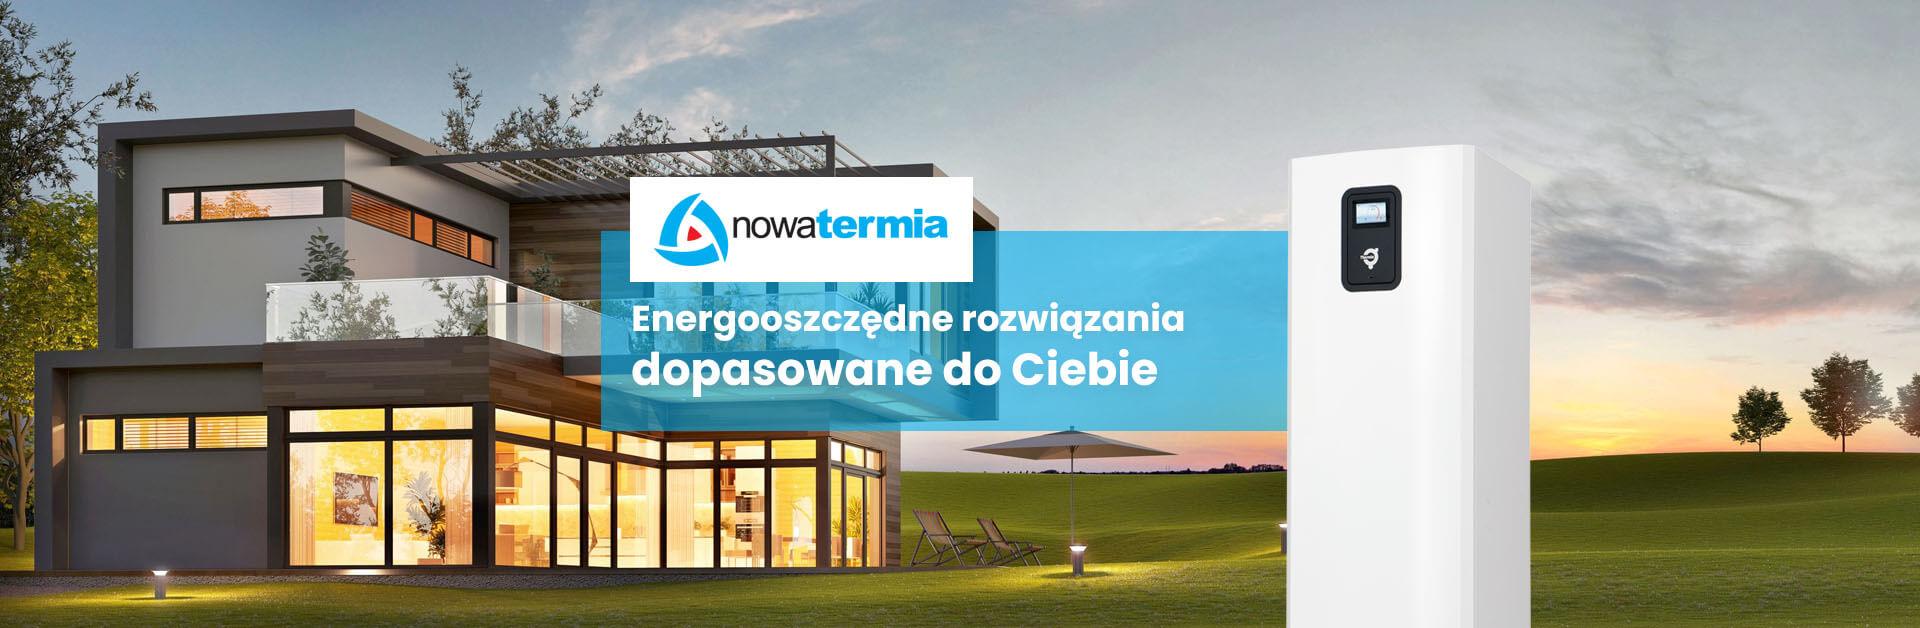 Nowatermia - energooszczędne rozwiązania